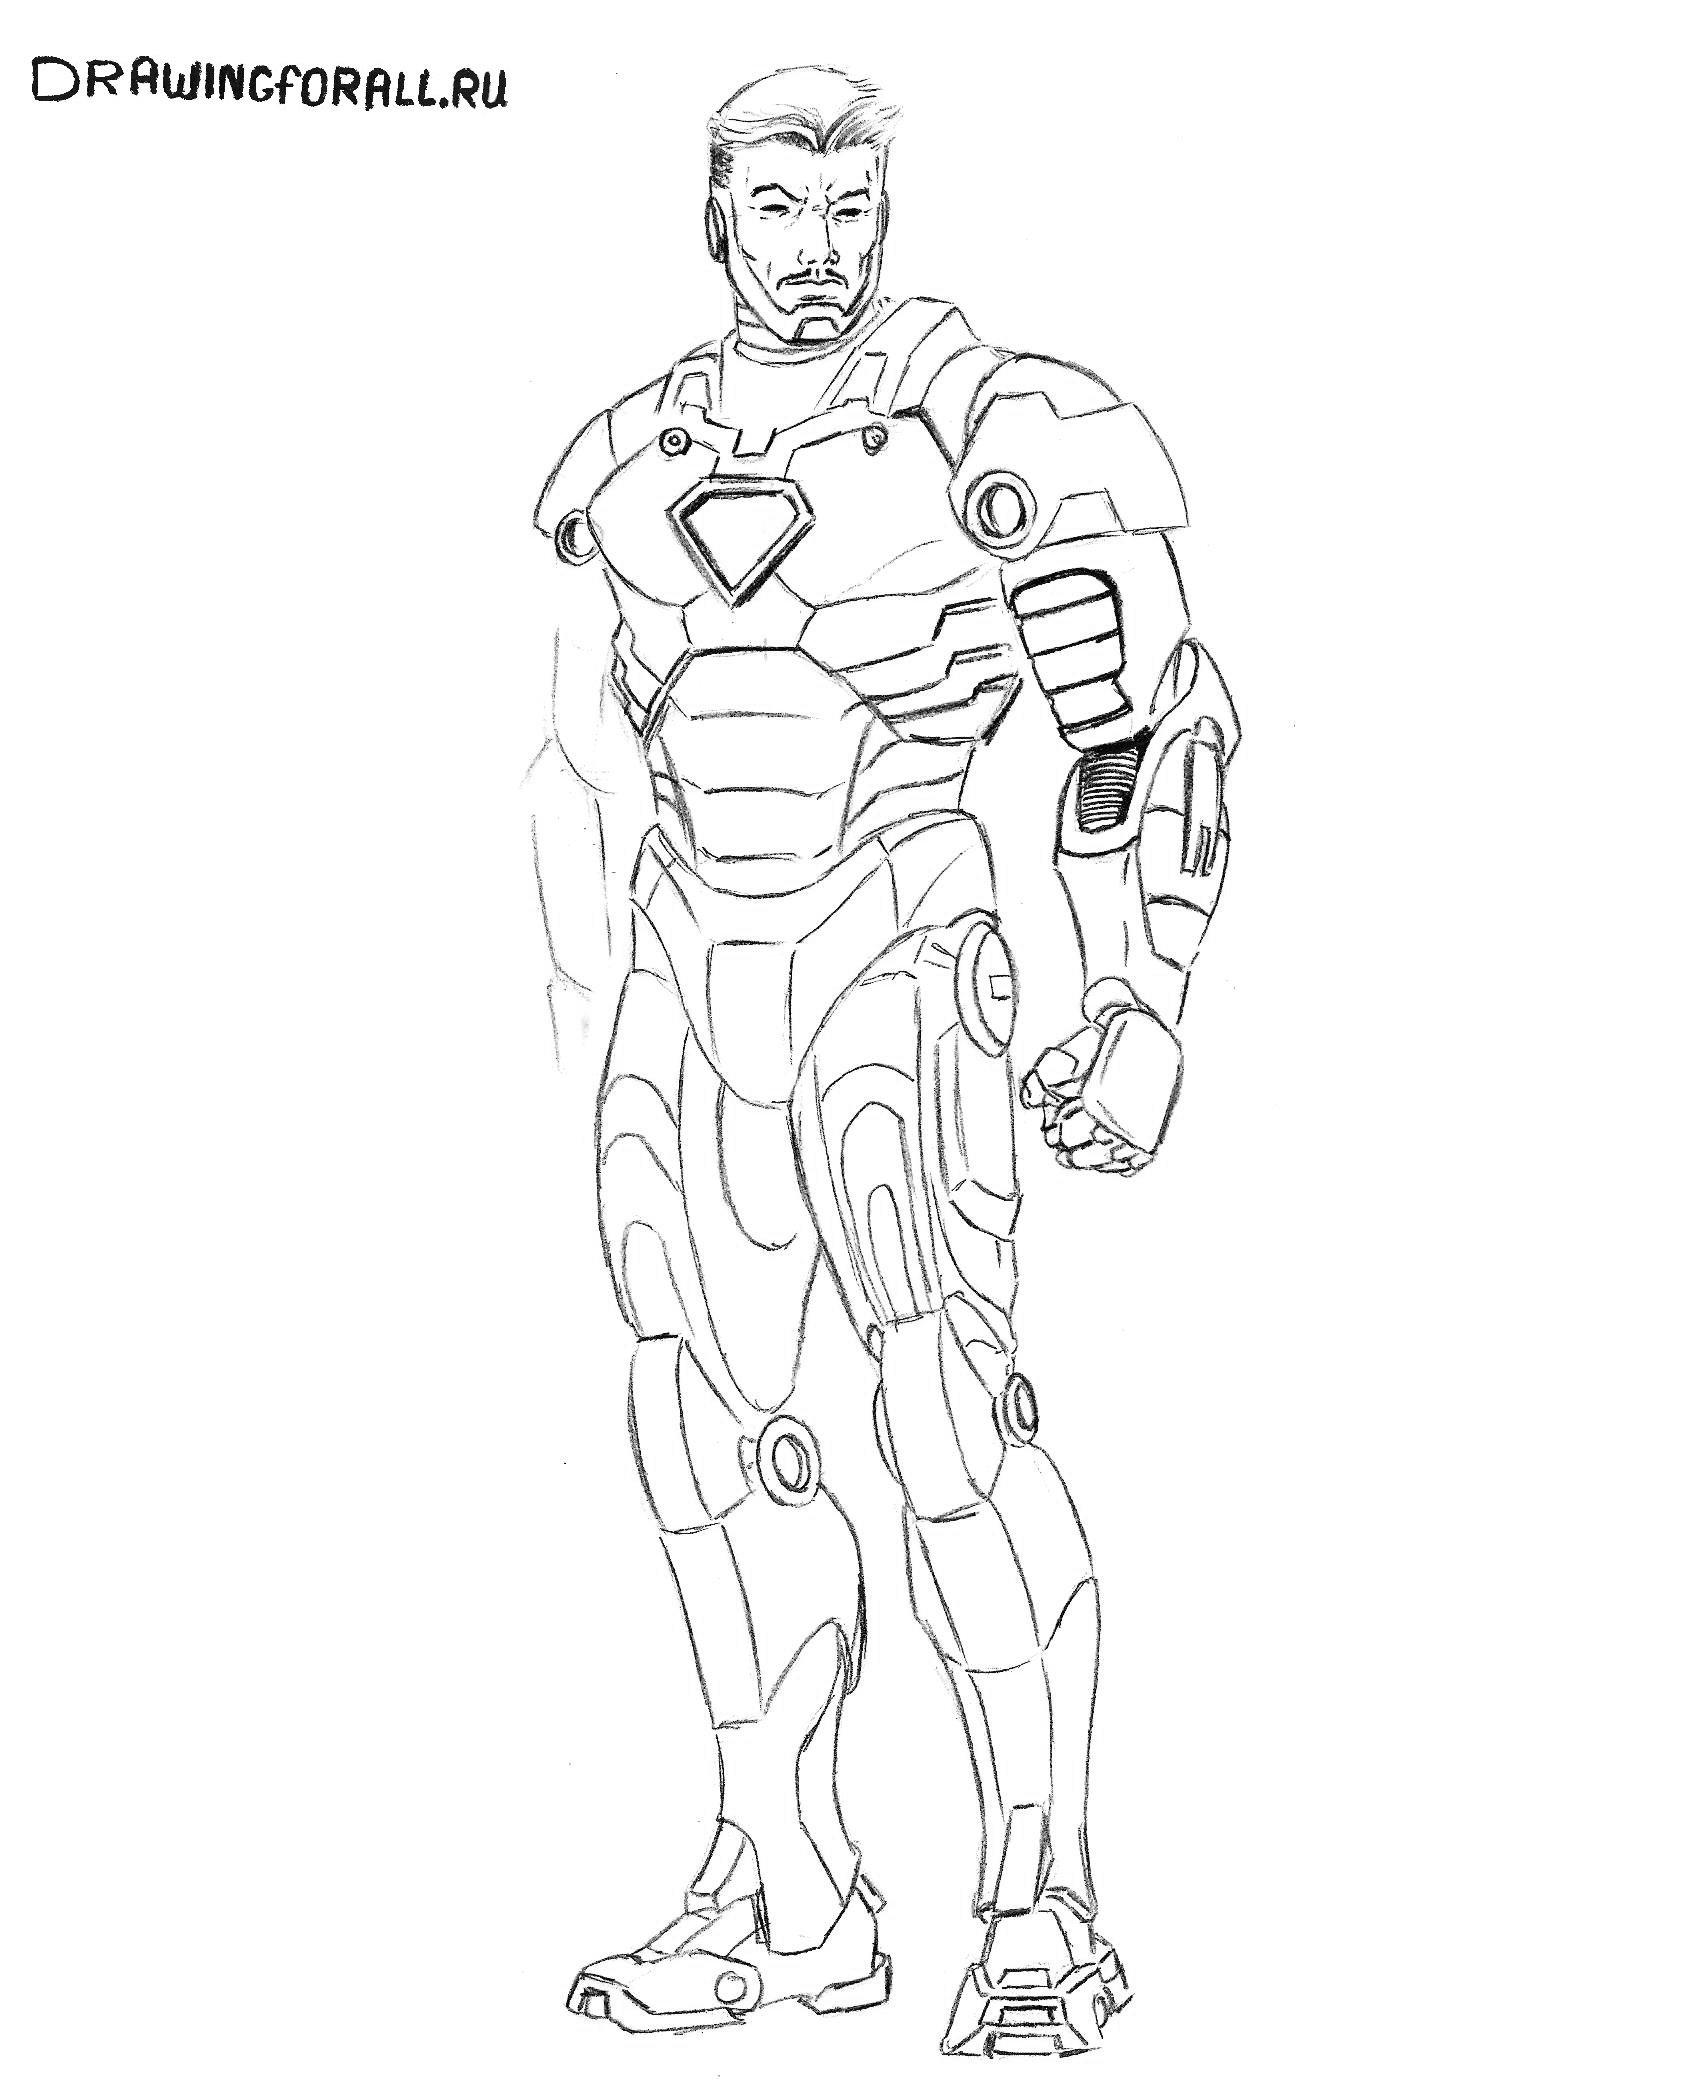 как легко нарисовать железного человека